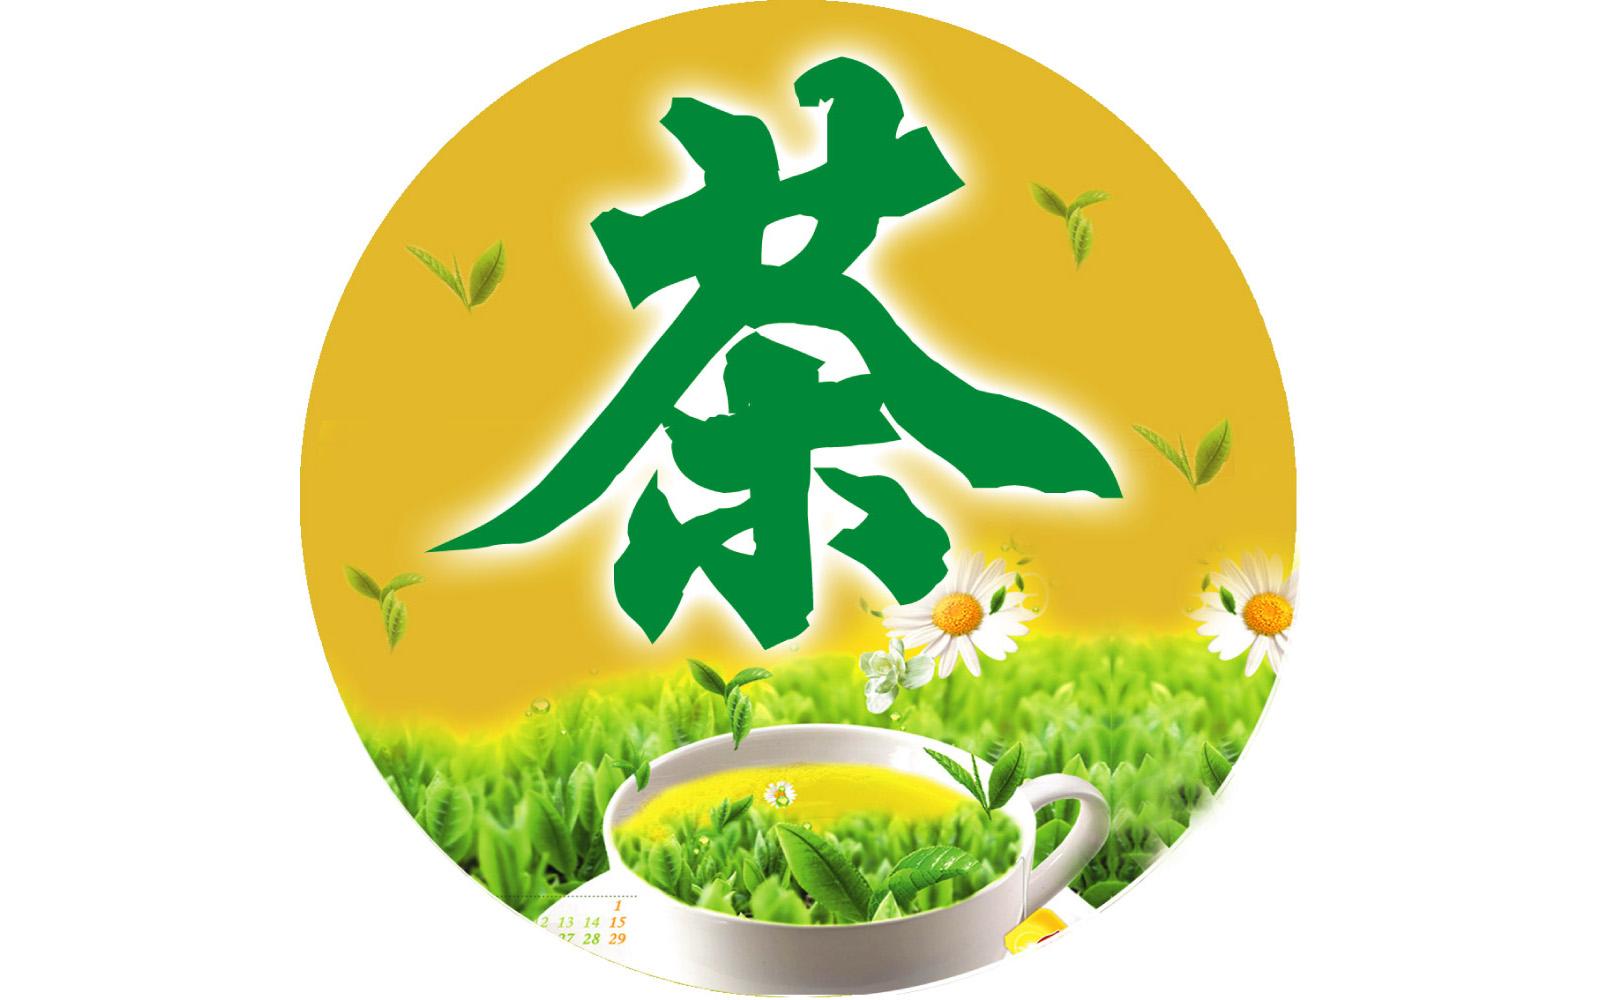 淘宝茶叶正品好店32家——正品铁观音,浓香普洱茶,泡好等你